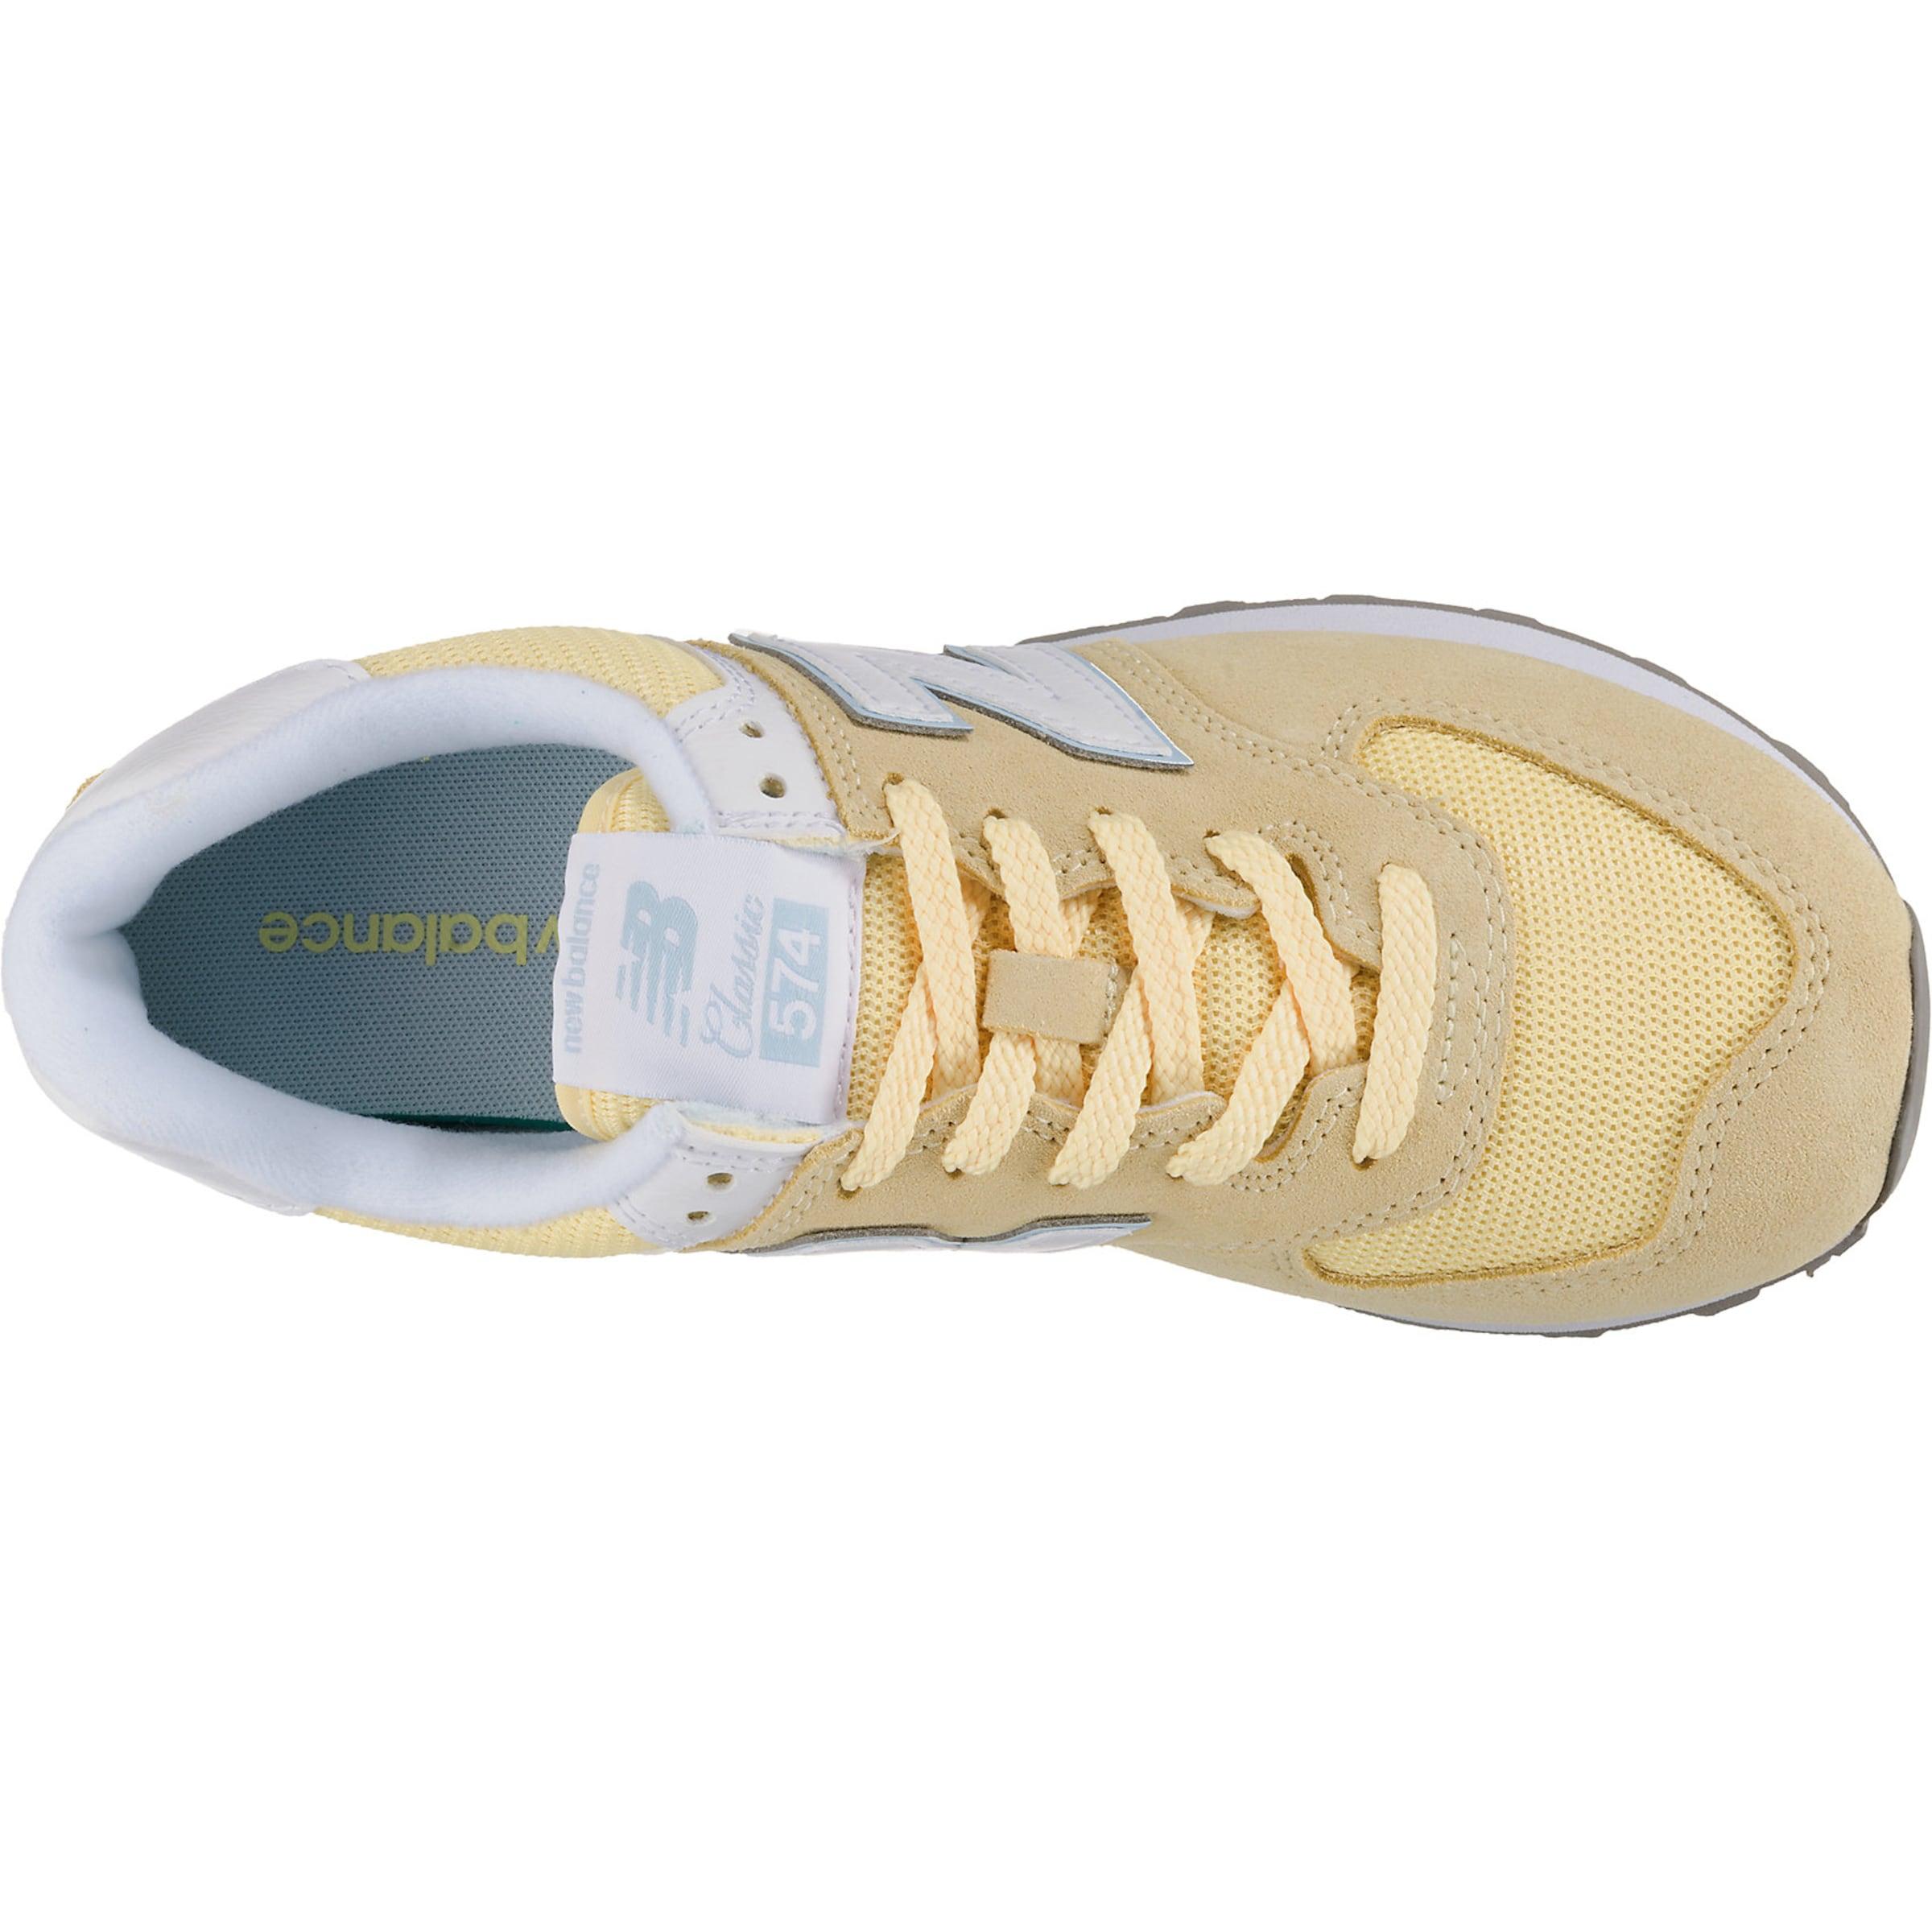 HellblauGelb In Weiß Balance Sneaker New 135lTFuKJc